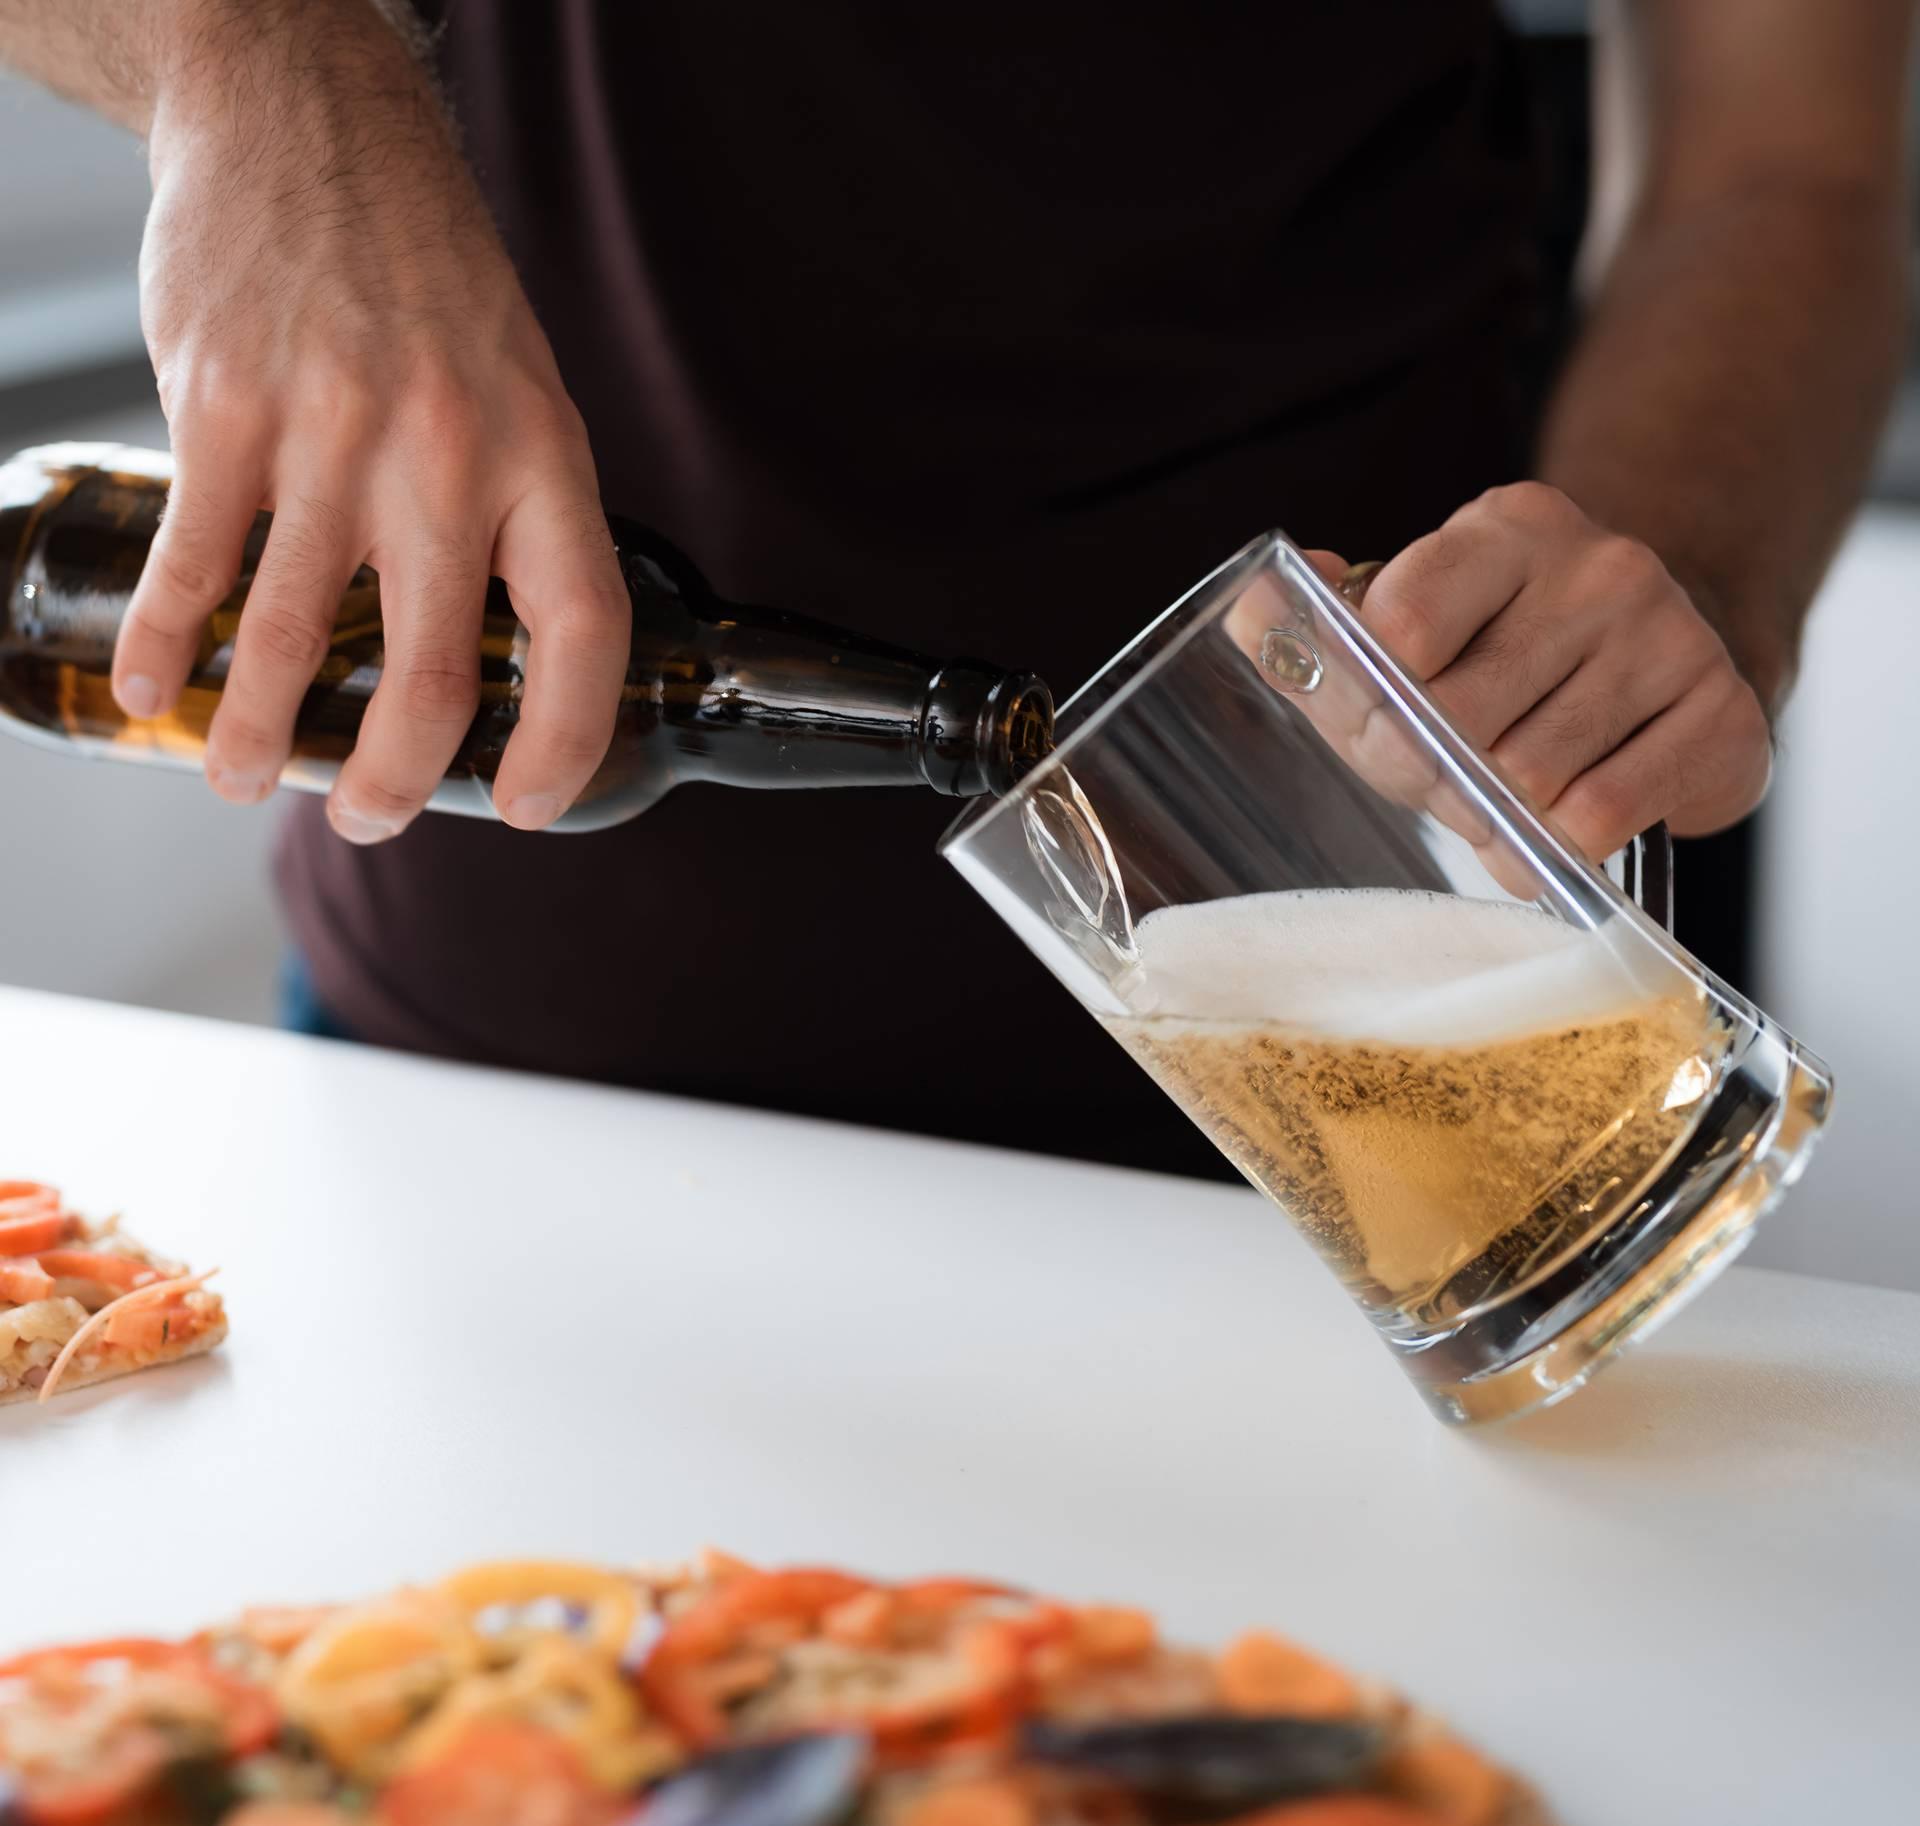 Super recepti: Dodajte pivo u jelo i dobit ćete posebniji okus